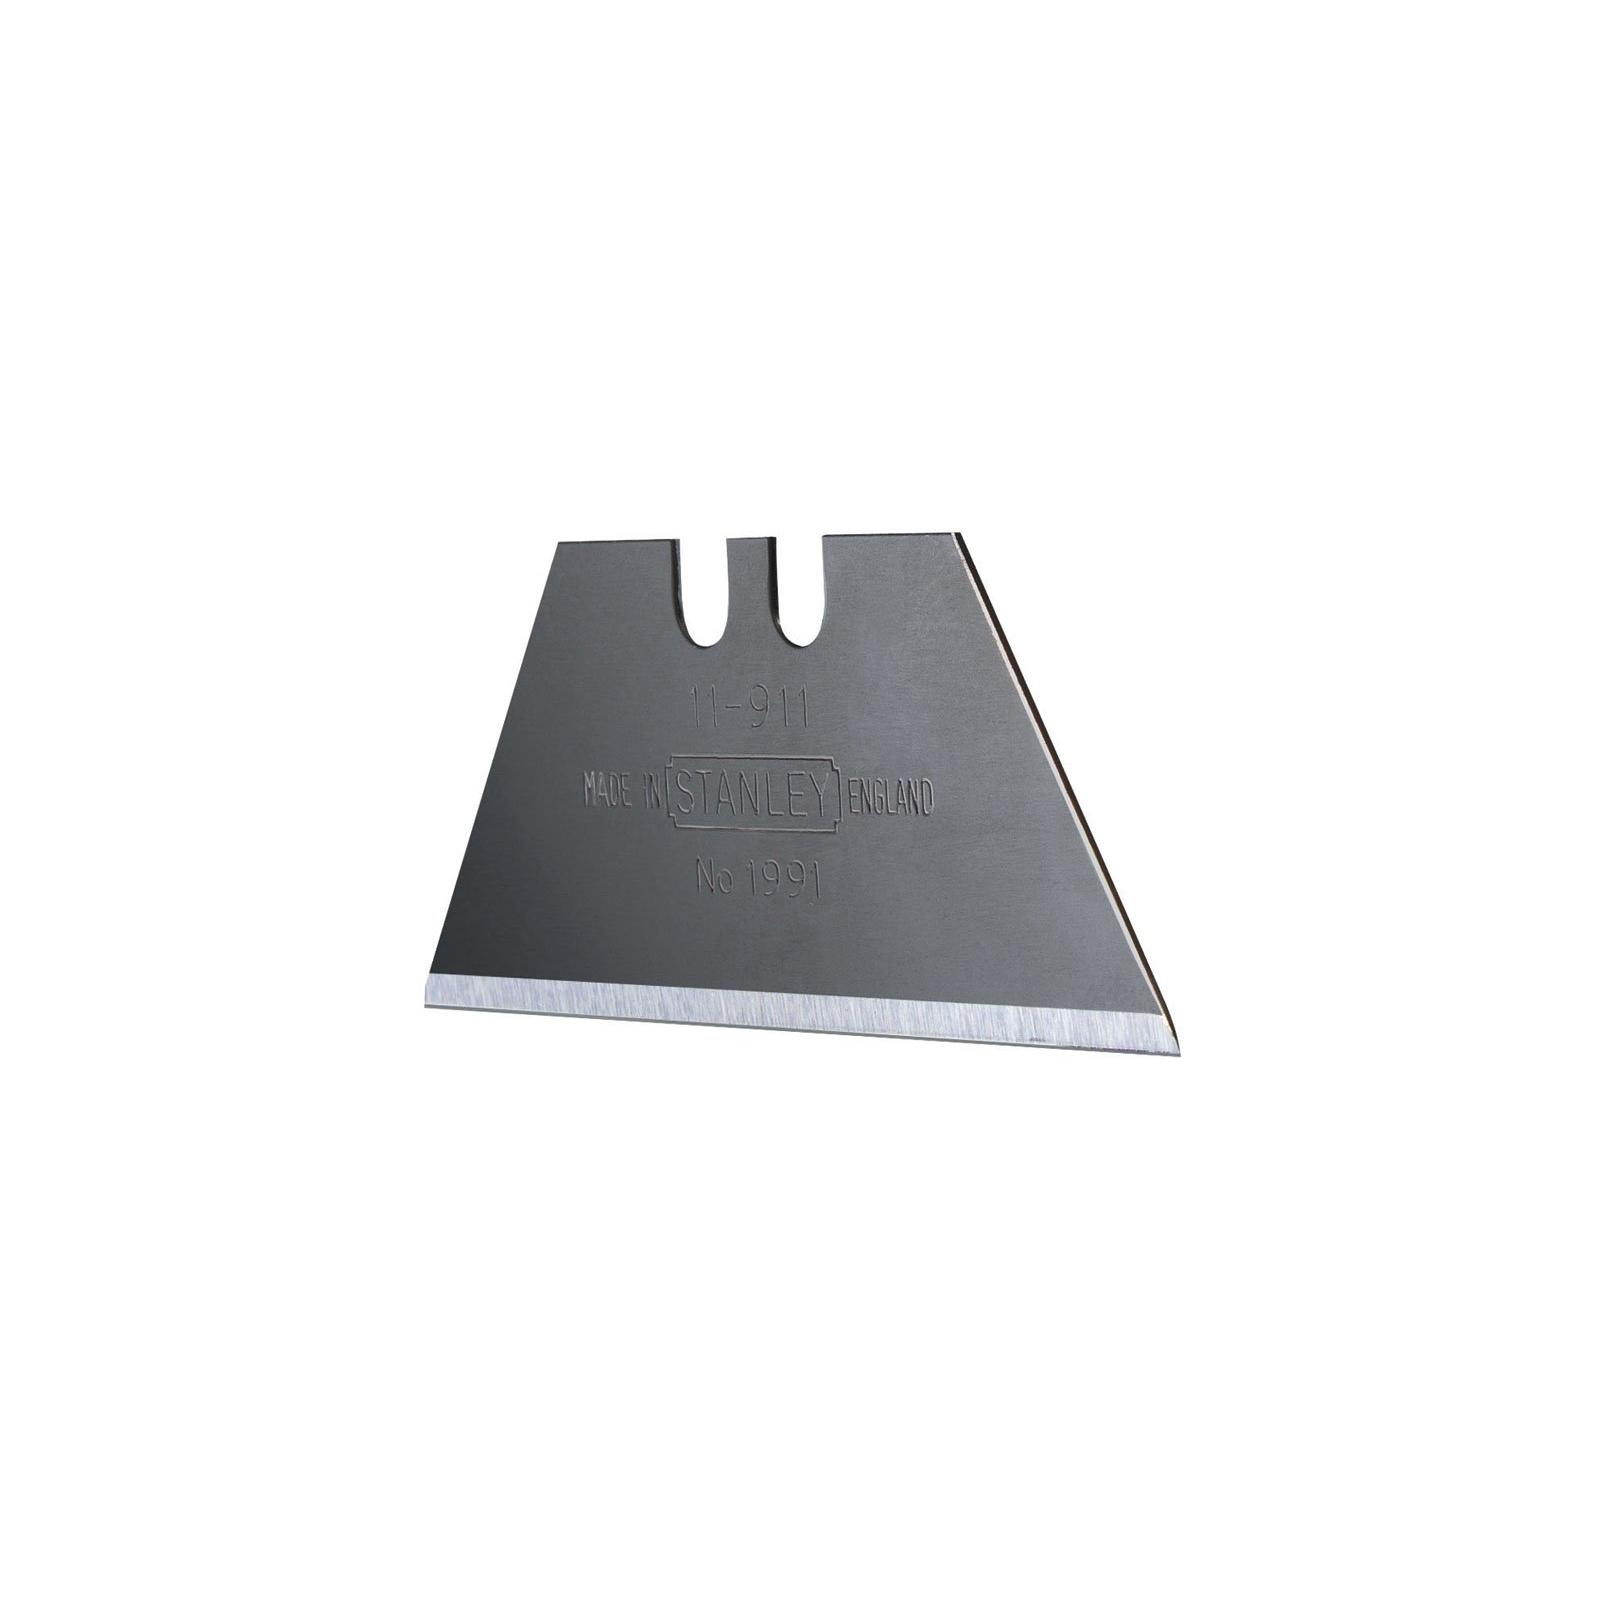 Лезвие Stanley трапецевидные 1991, длина 50мм, 5шт (0-11-911) изображение 2